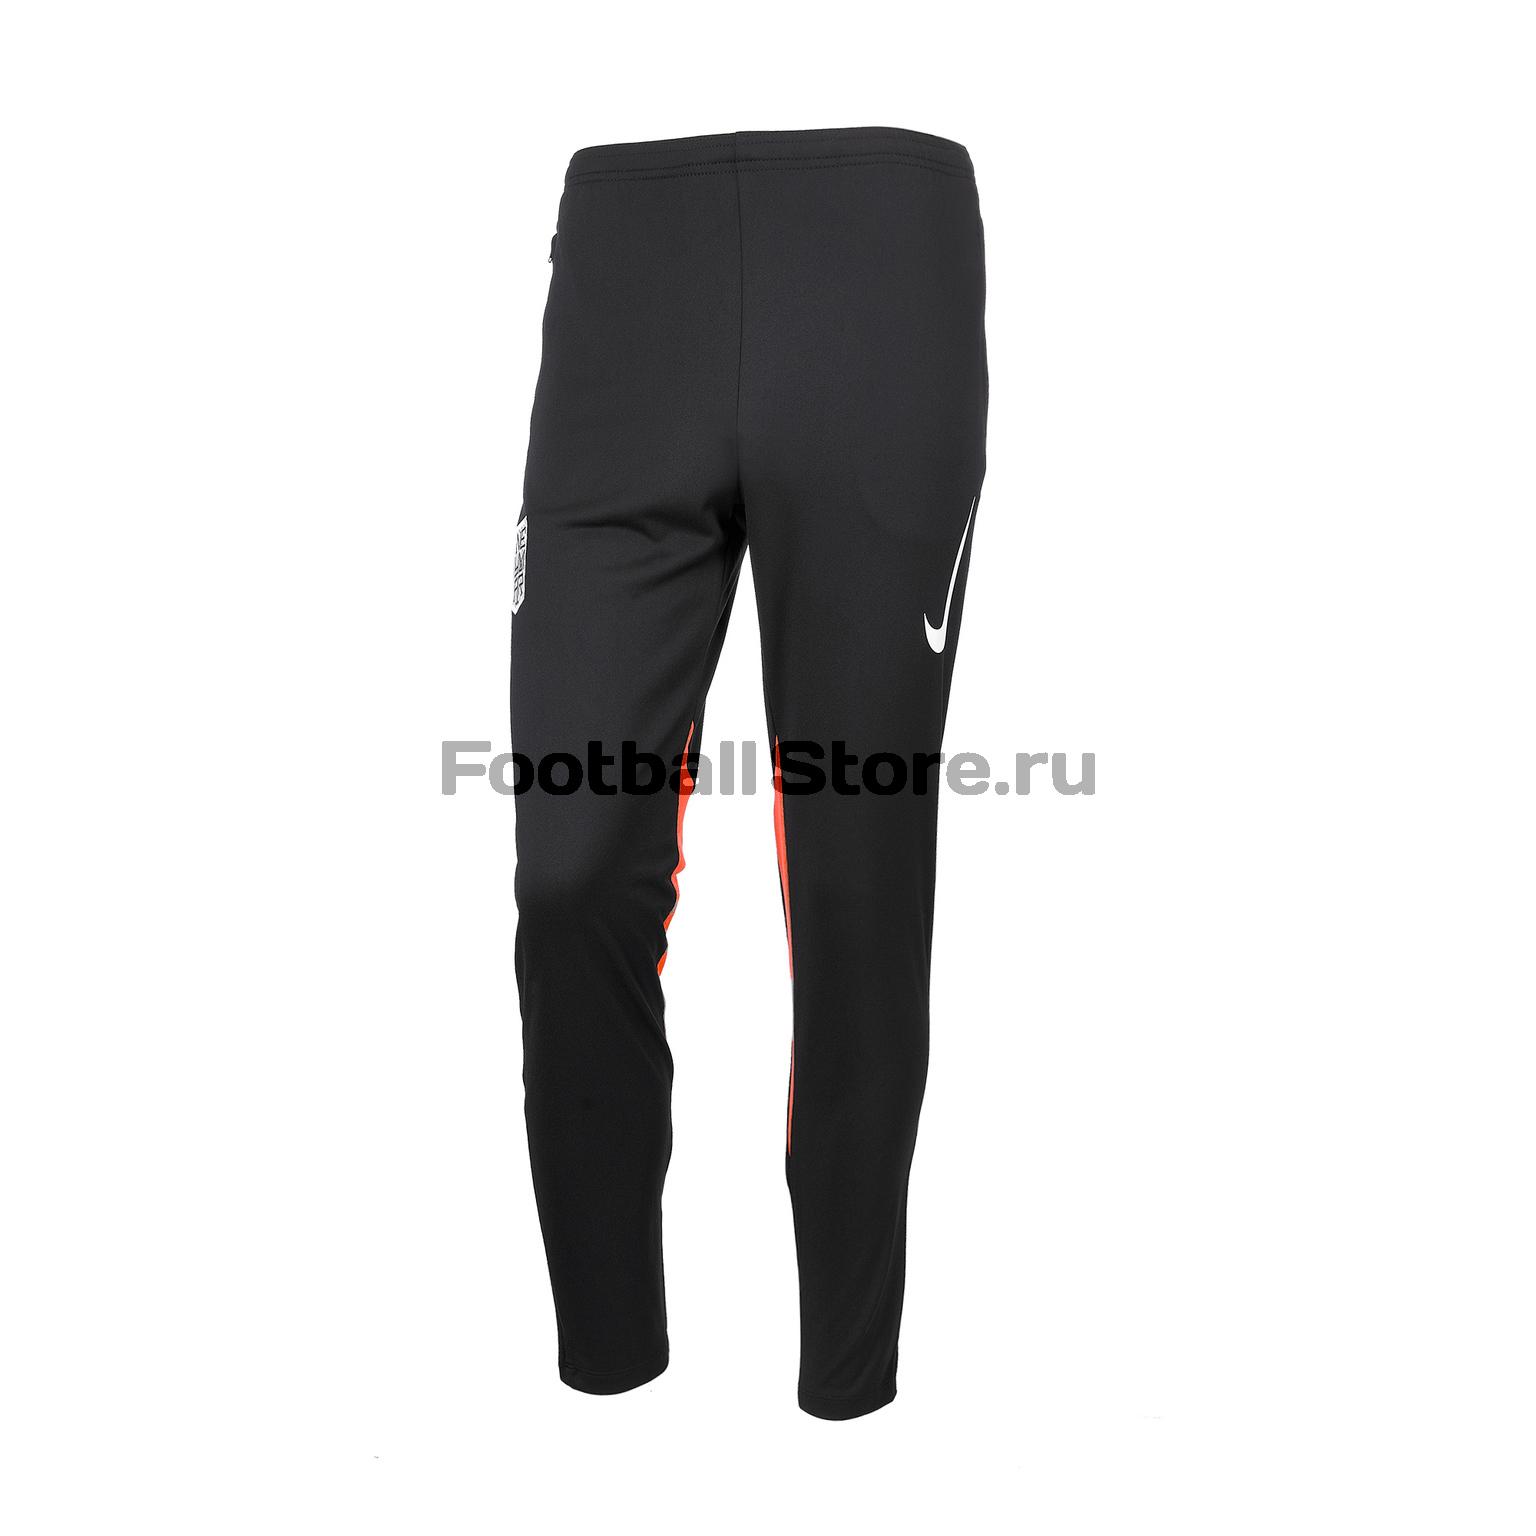 Брюки подростковые Nike Neymar Dry Pant AT5755-010 цена в Москве и Питере